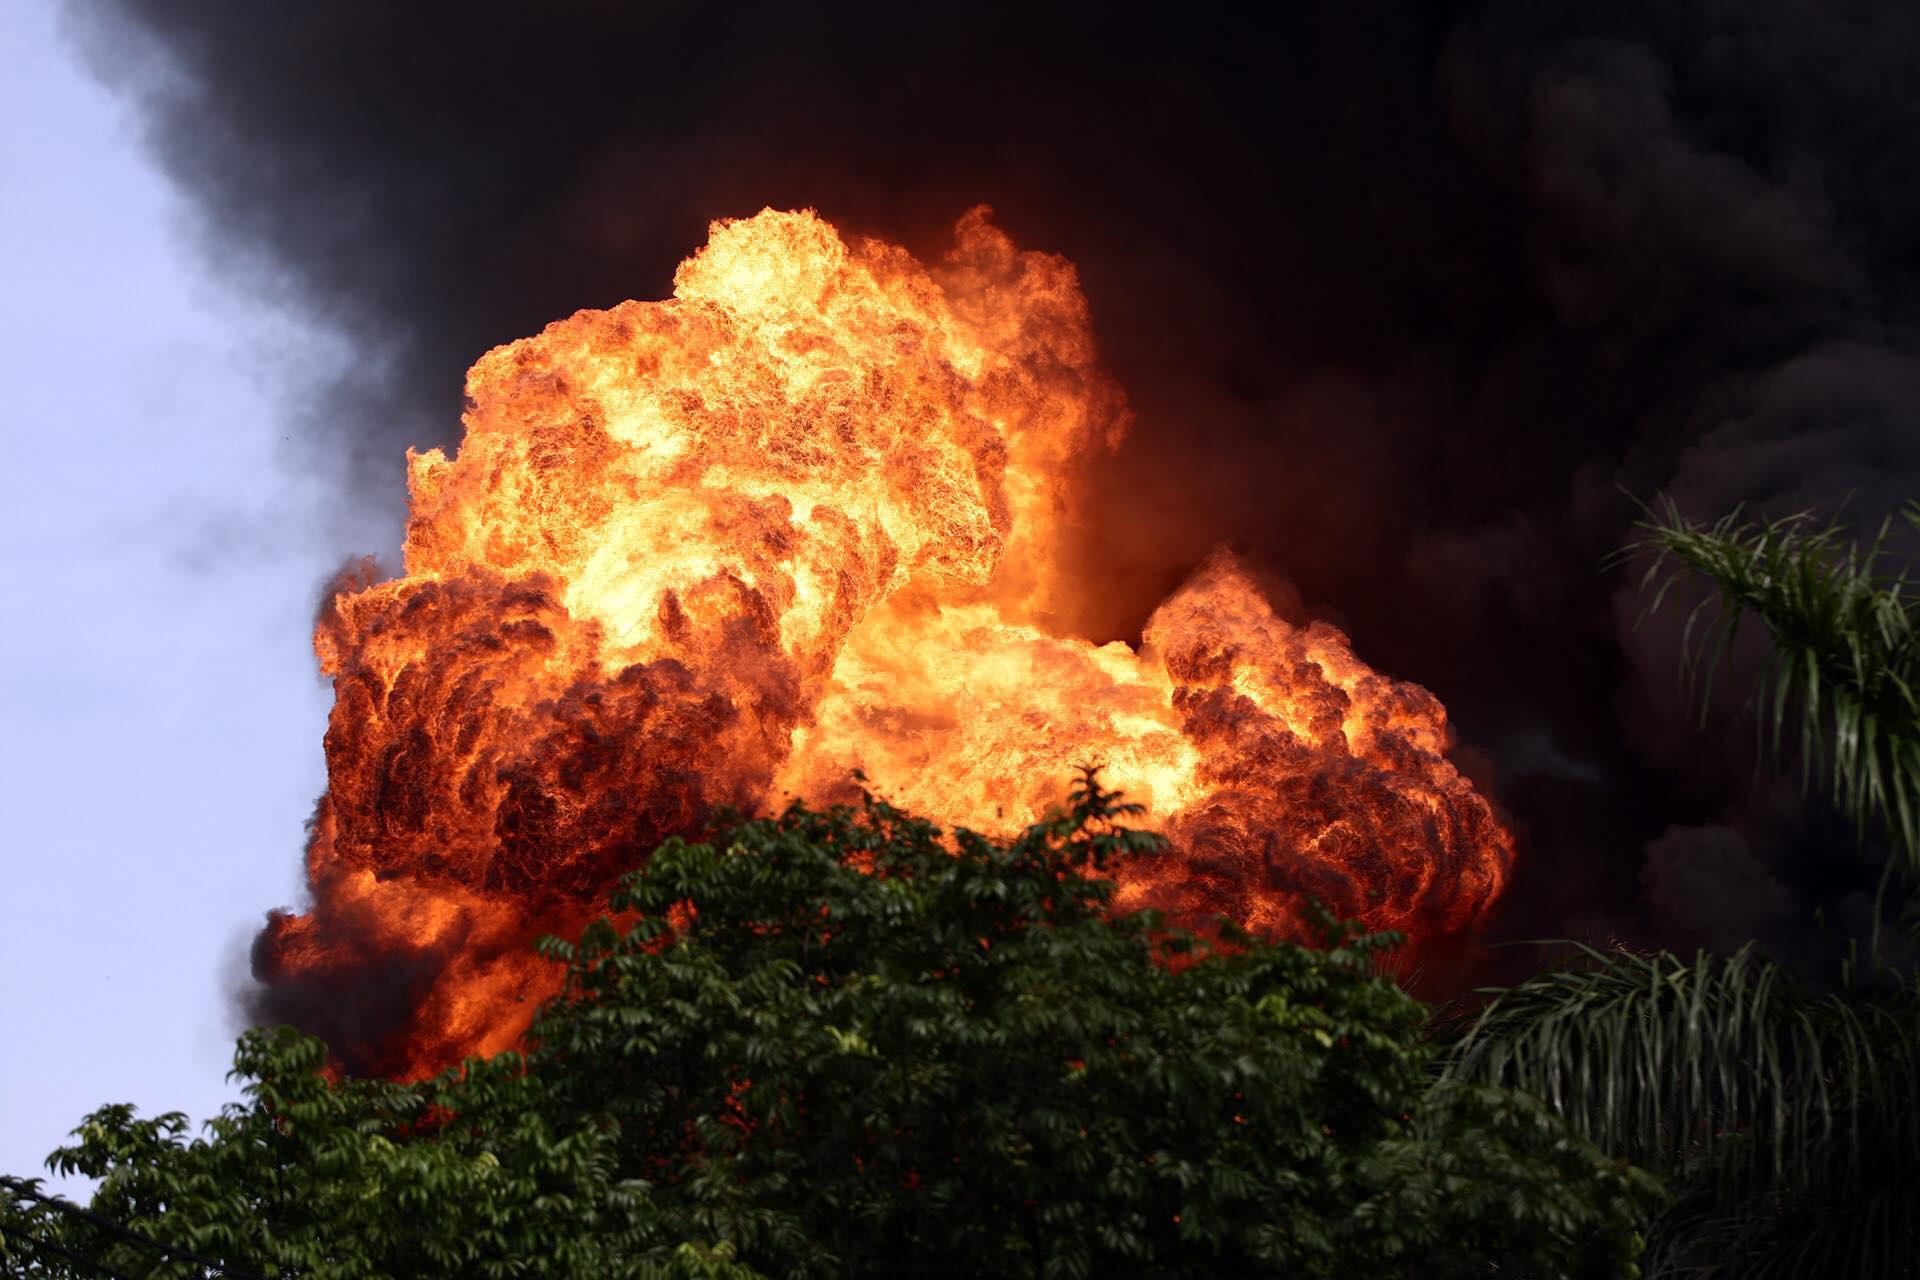 Hà Nội: Cháy cực lớn kho hóa chất ở cảng Đức Giang - Ảnh 1.